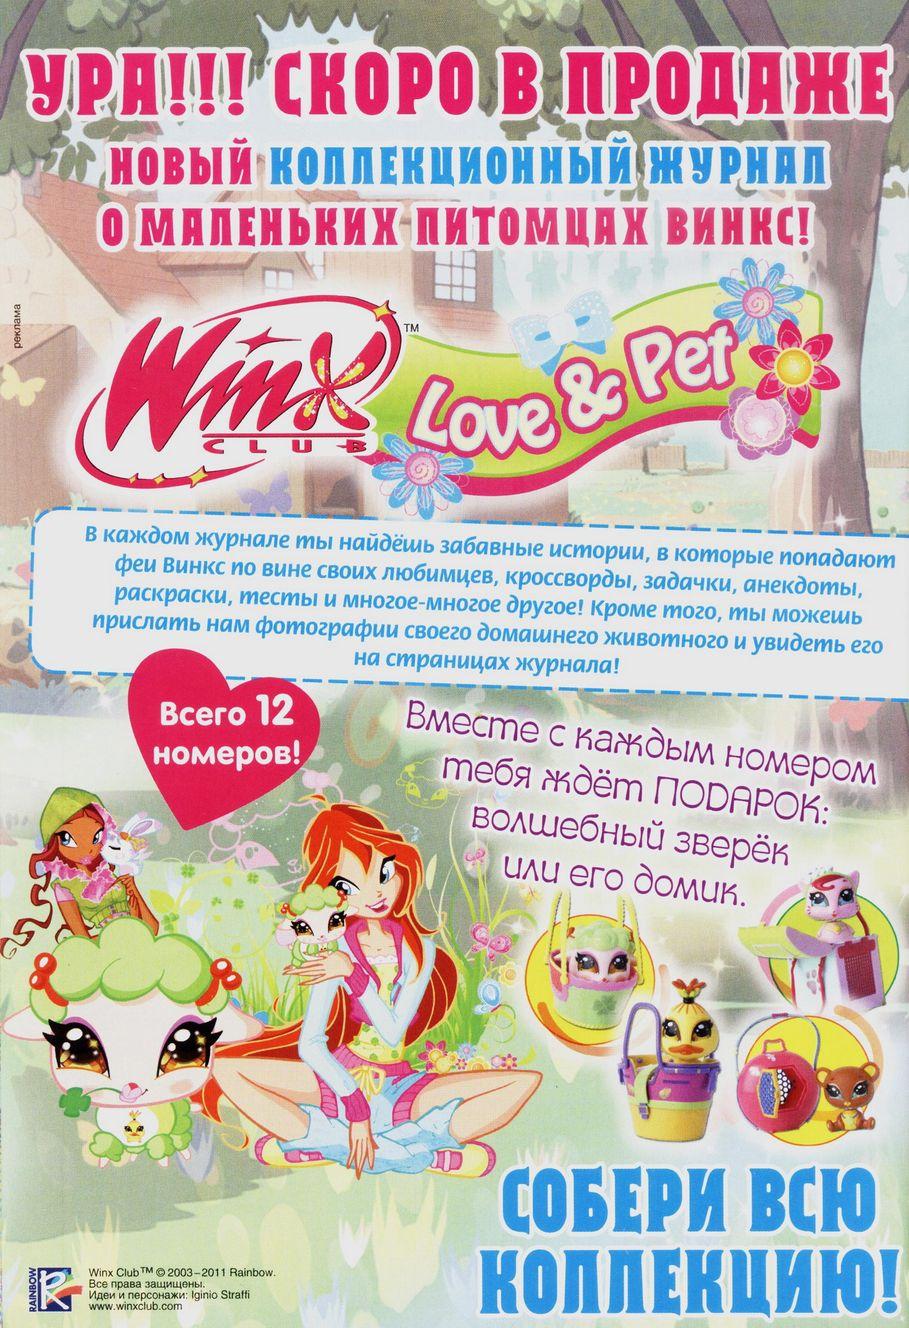 Комикс Винкс Winx - Надежда и разочарование (Журнал Винкс №5 2011) - стр. 14